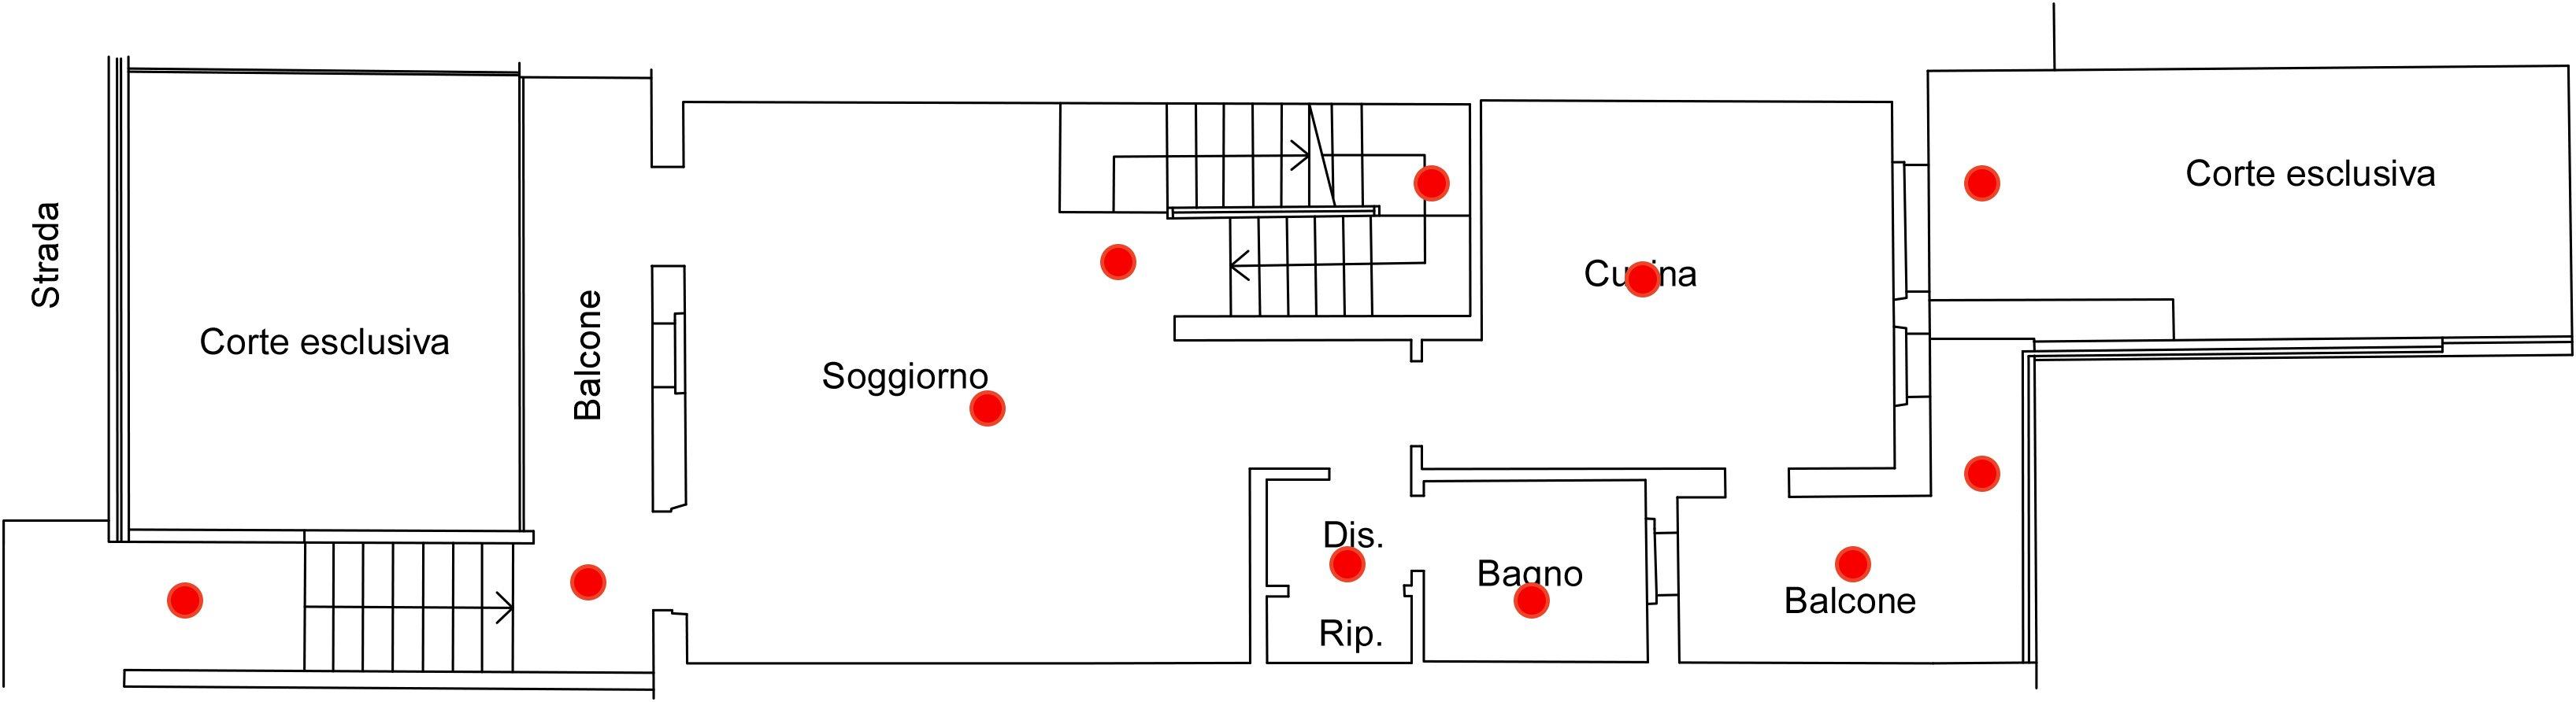 Progetto-posizioni-laser-scanner